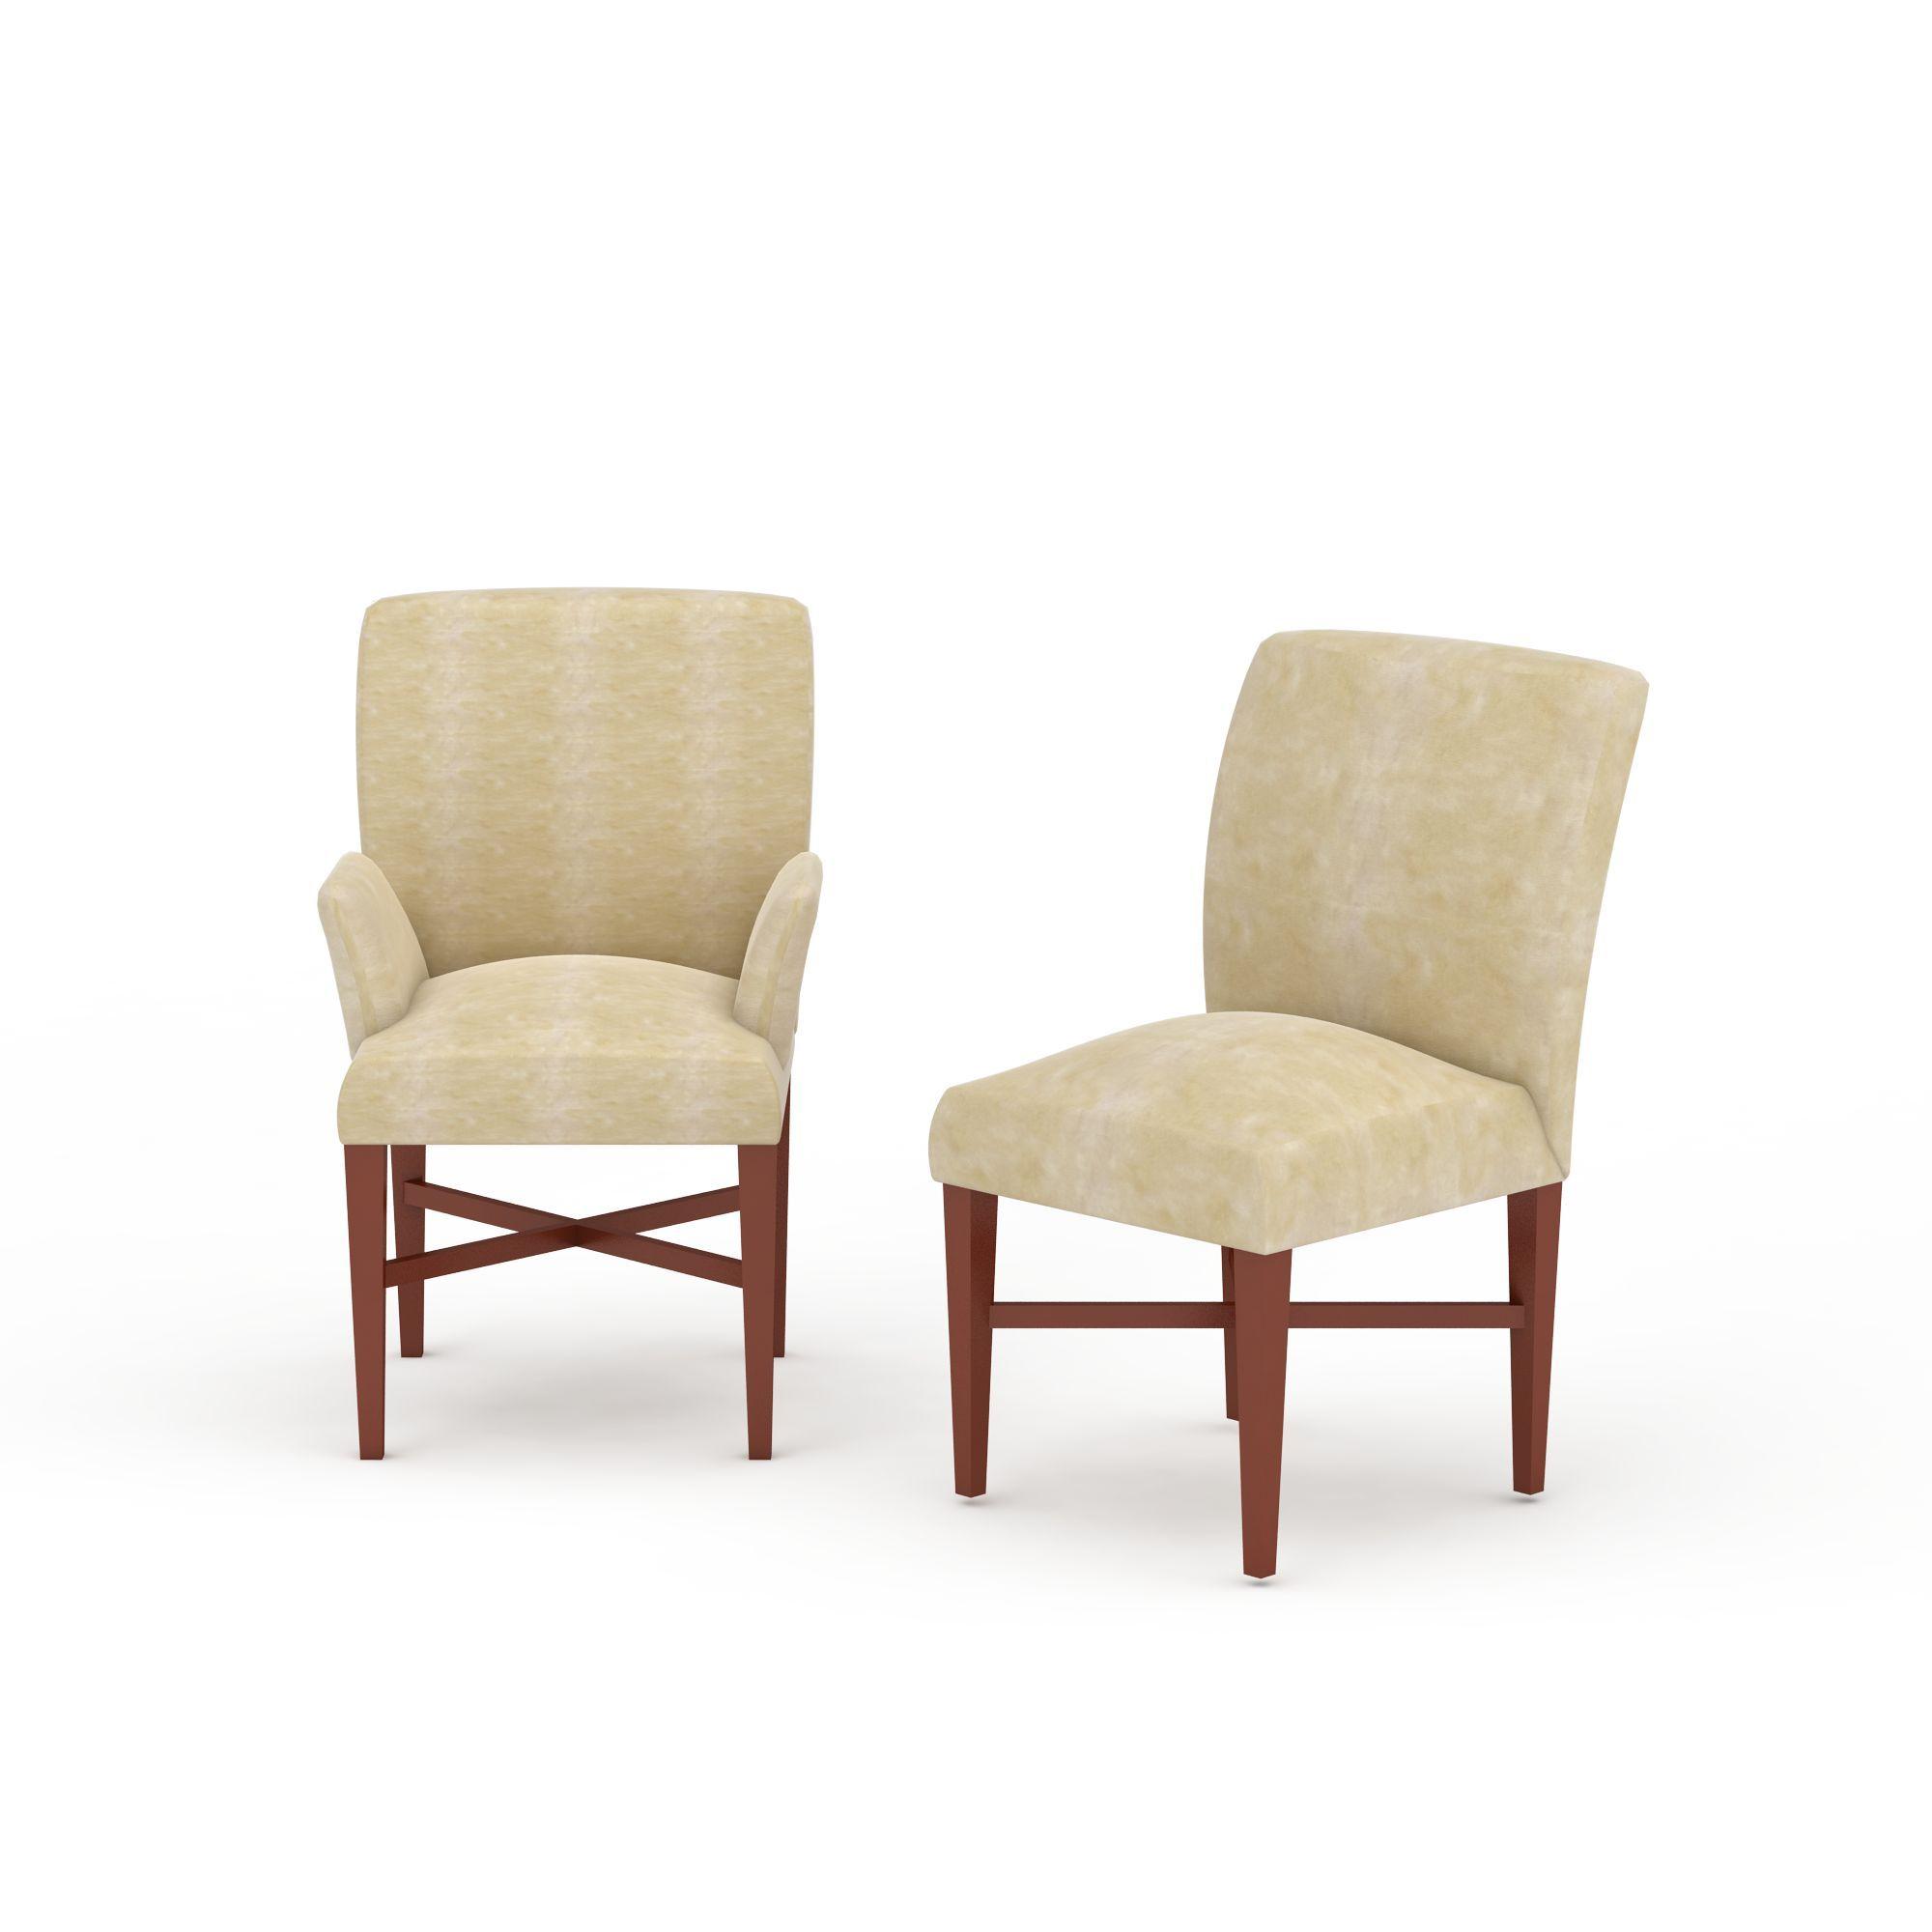 中式沙发椅子高清图下载